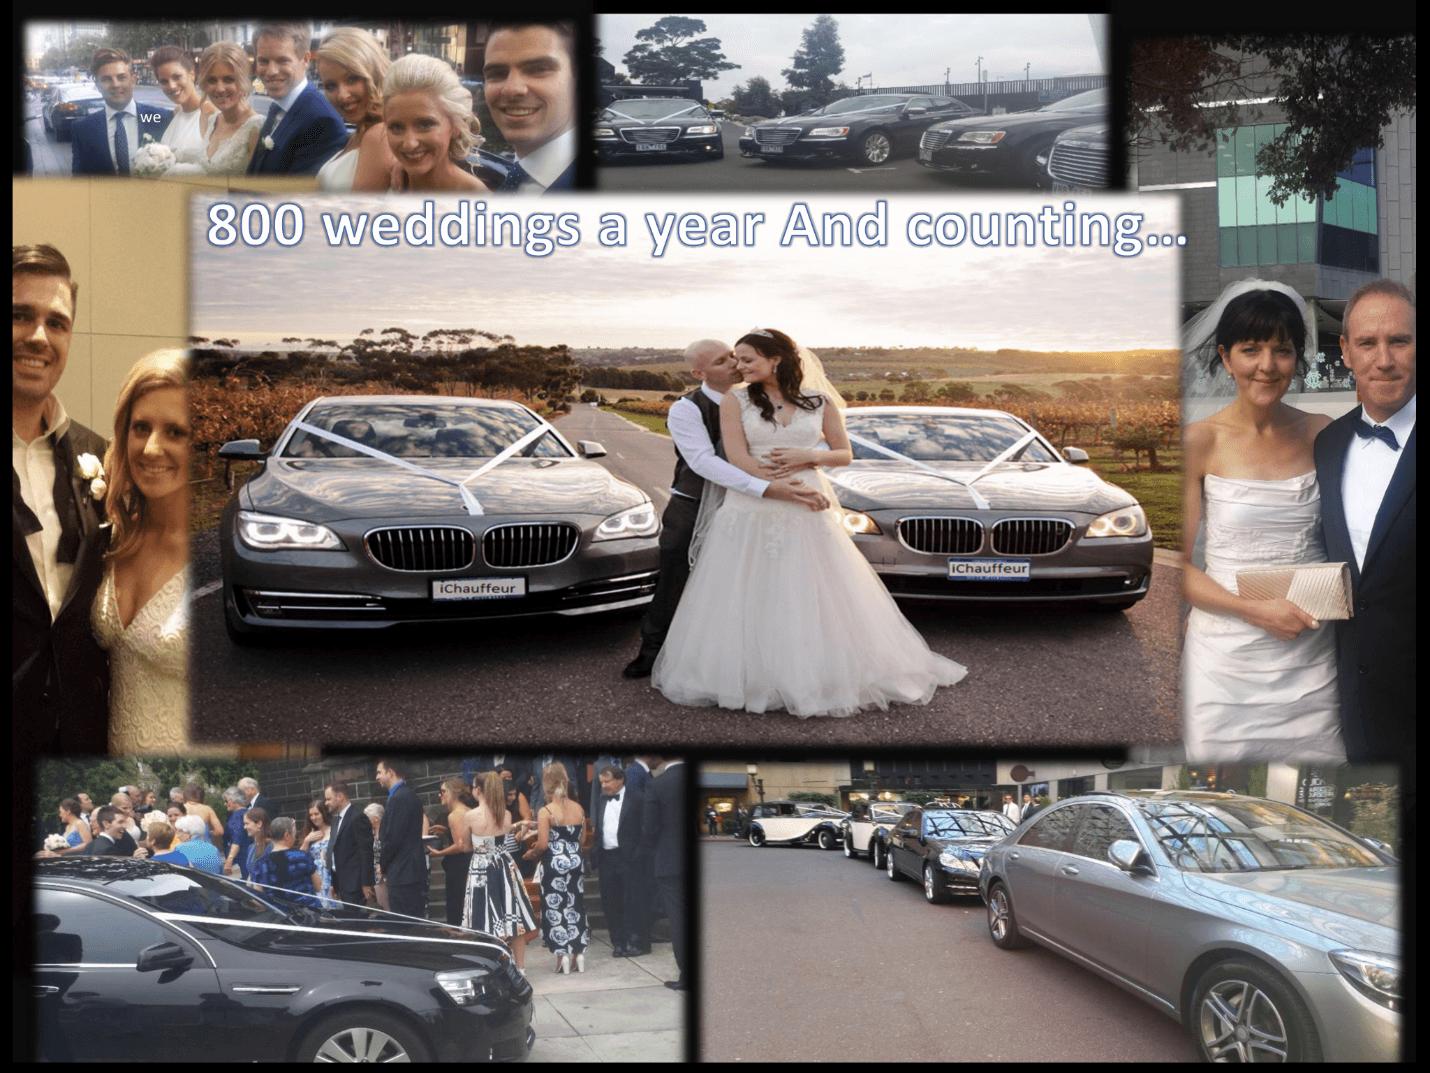 Luxury Wedding Cars iChauffeur